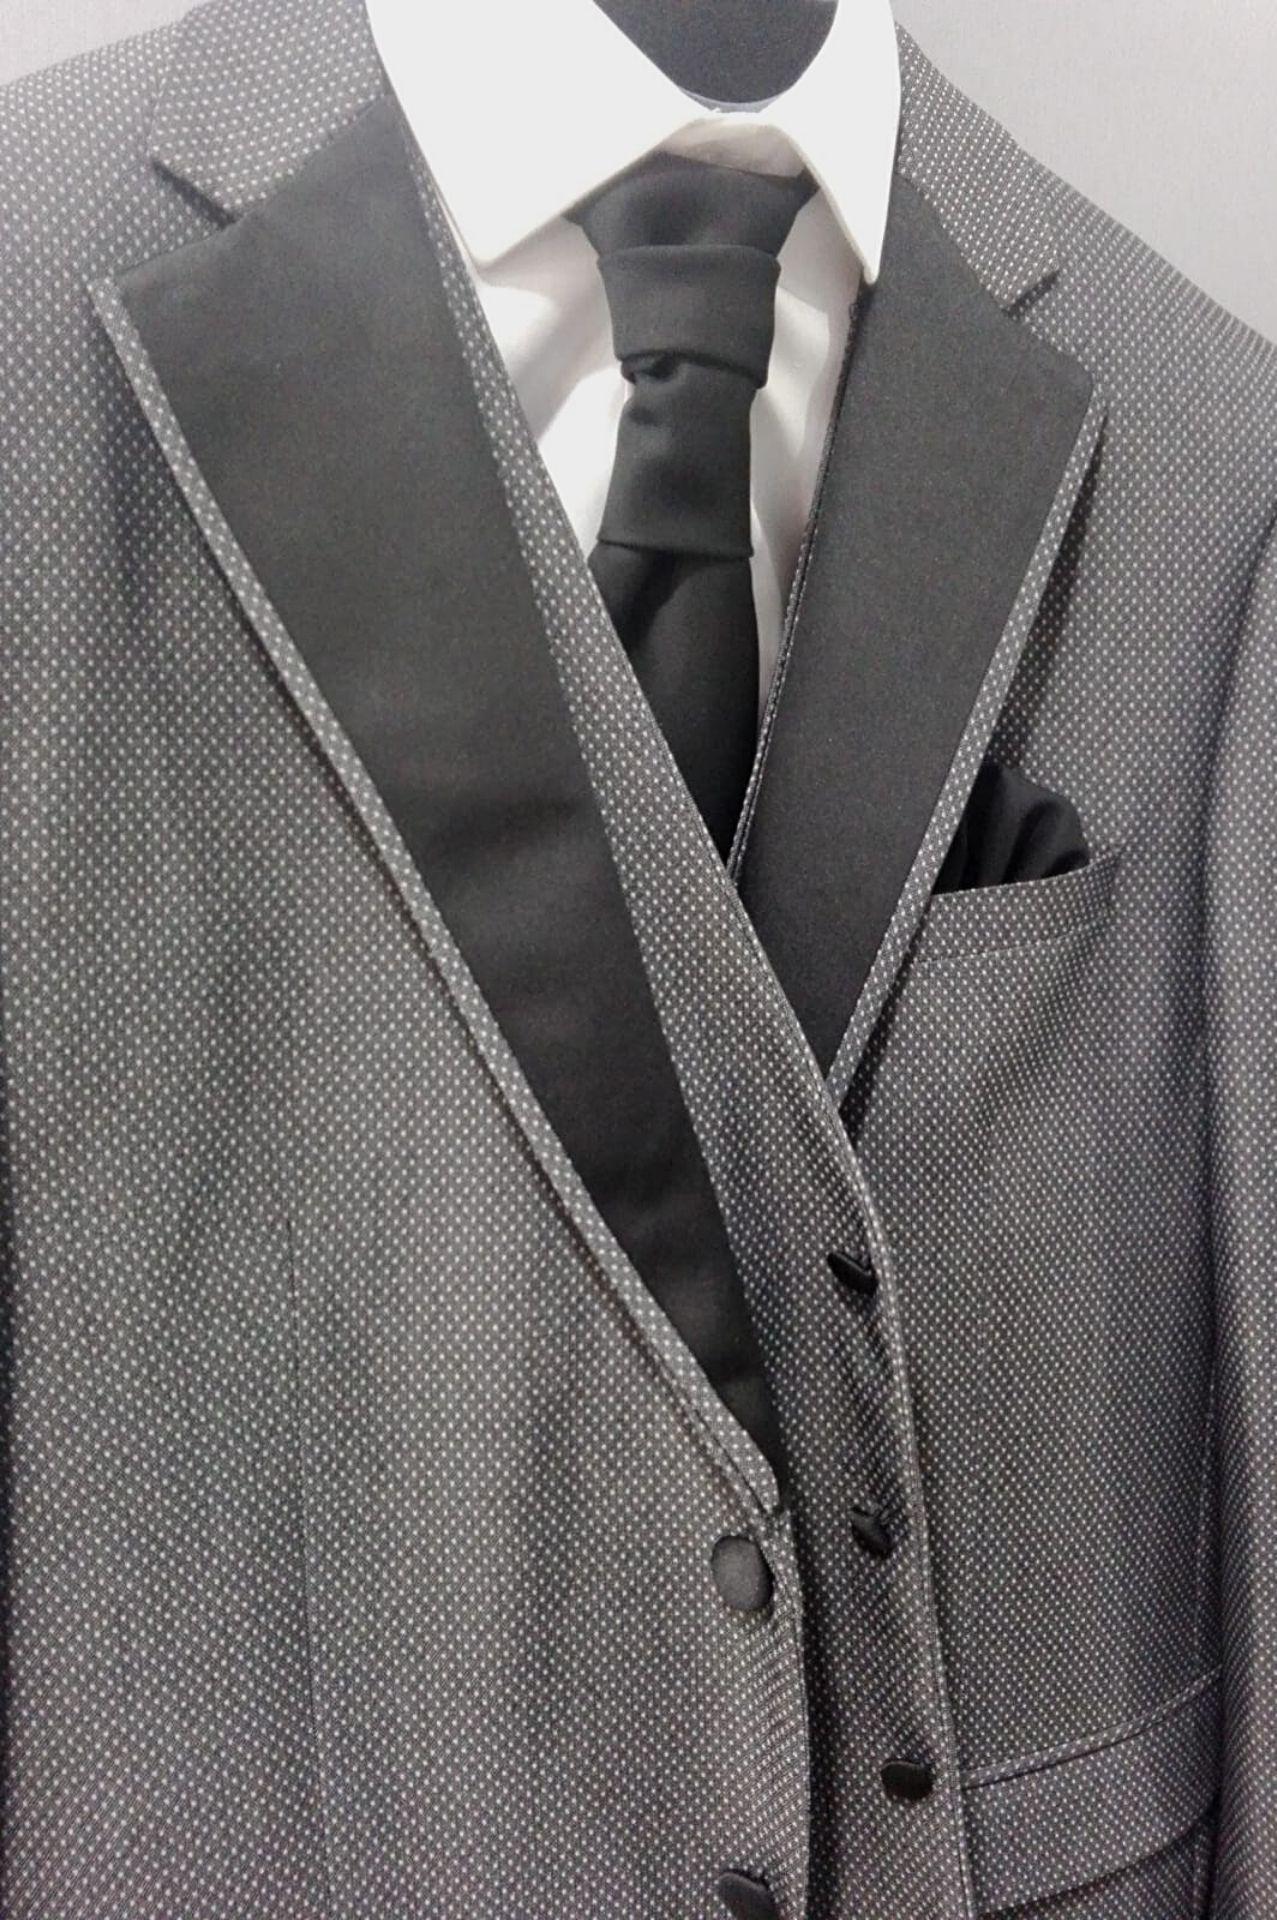 traje-ceremonia-gris-solapas-negras-trc-06-2